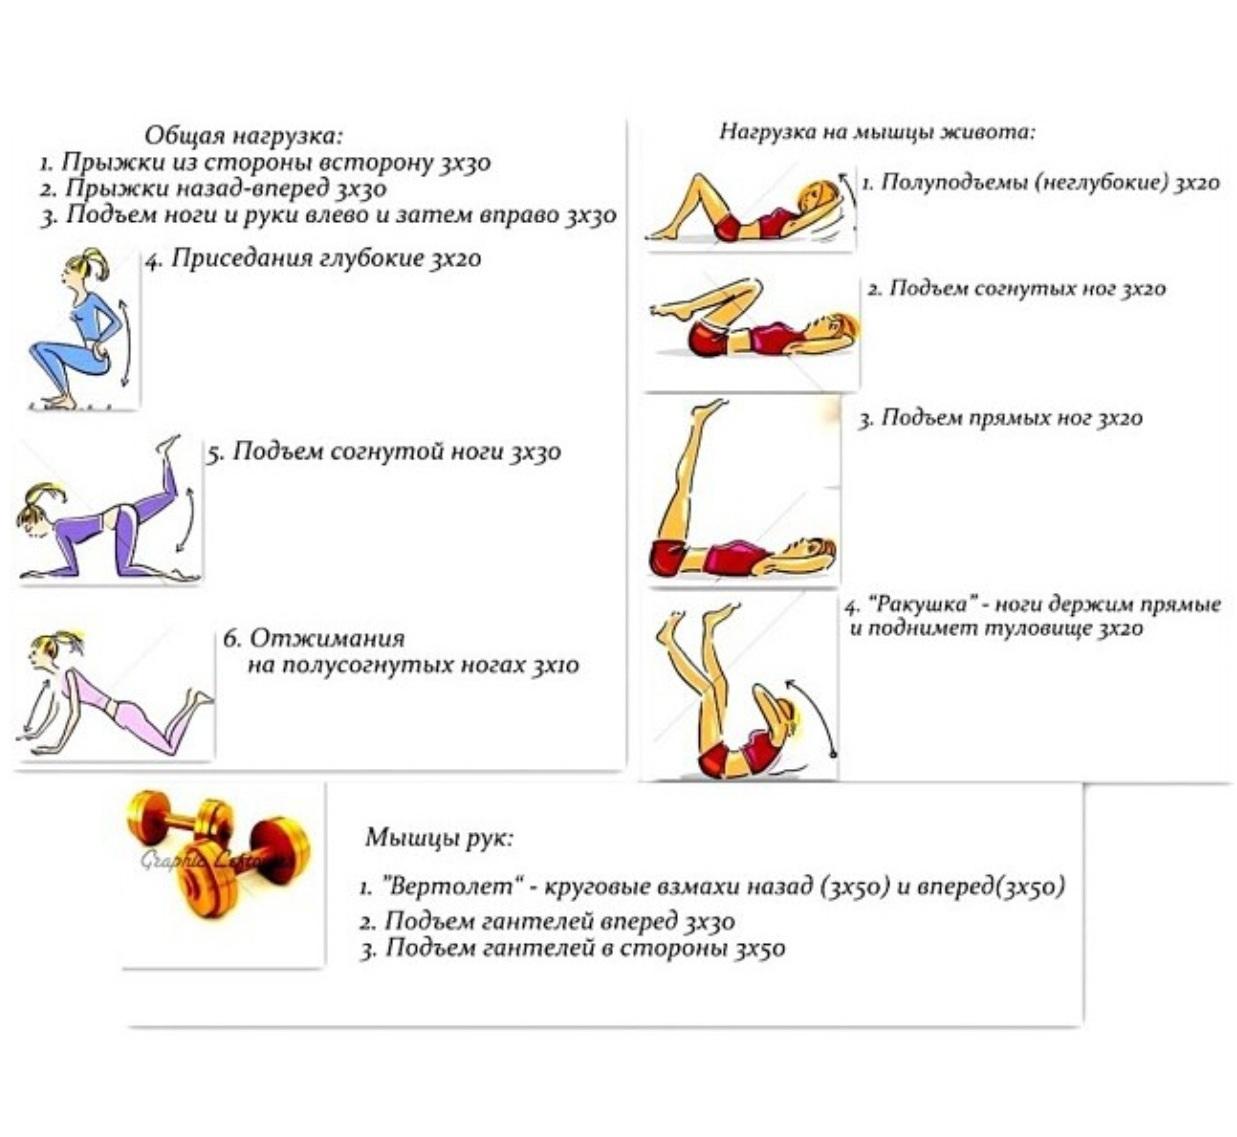 Упражнения для подтяжки тела в домашних условиях